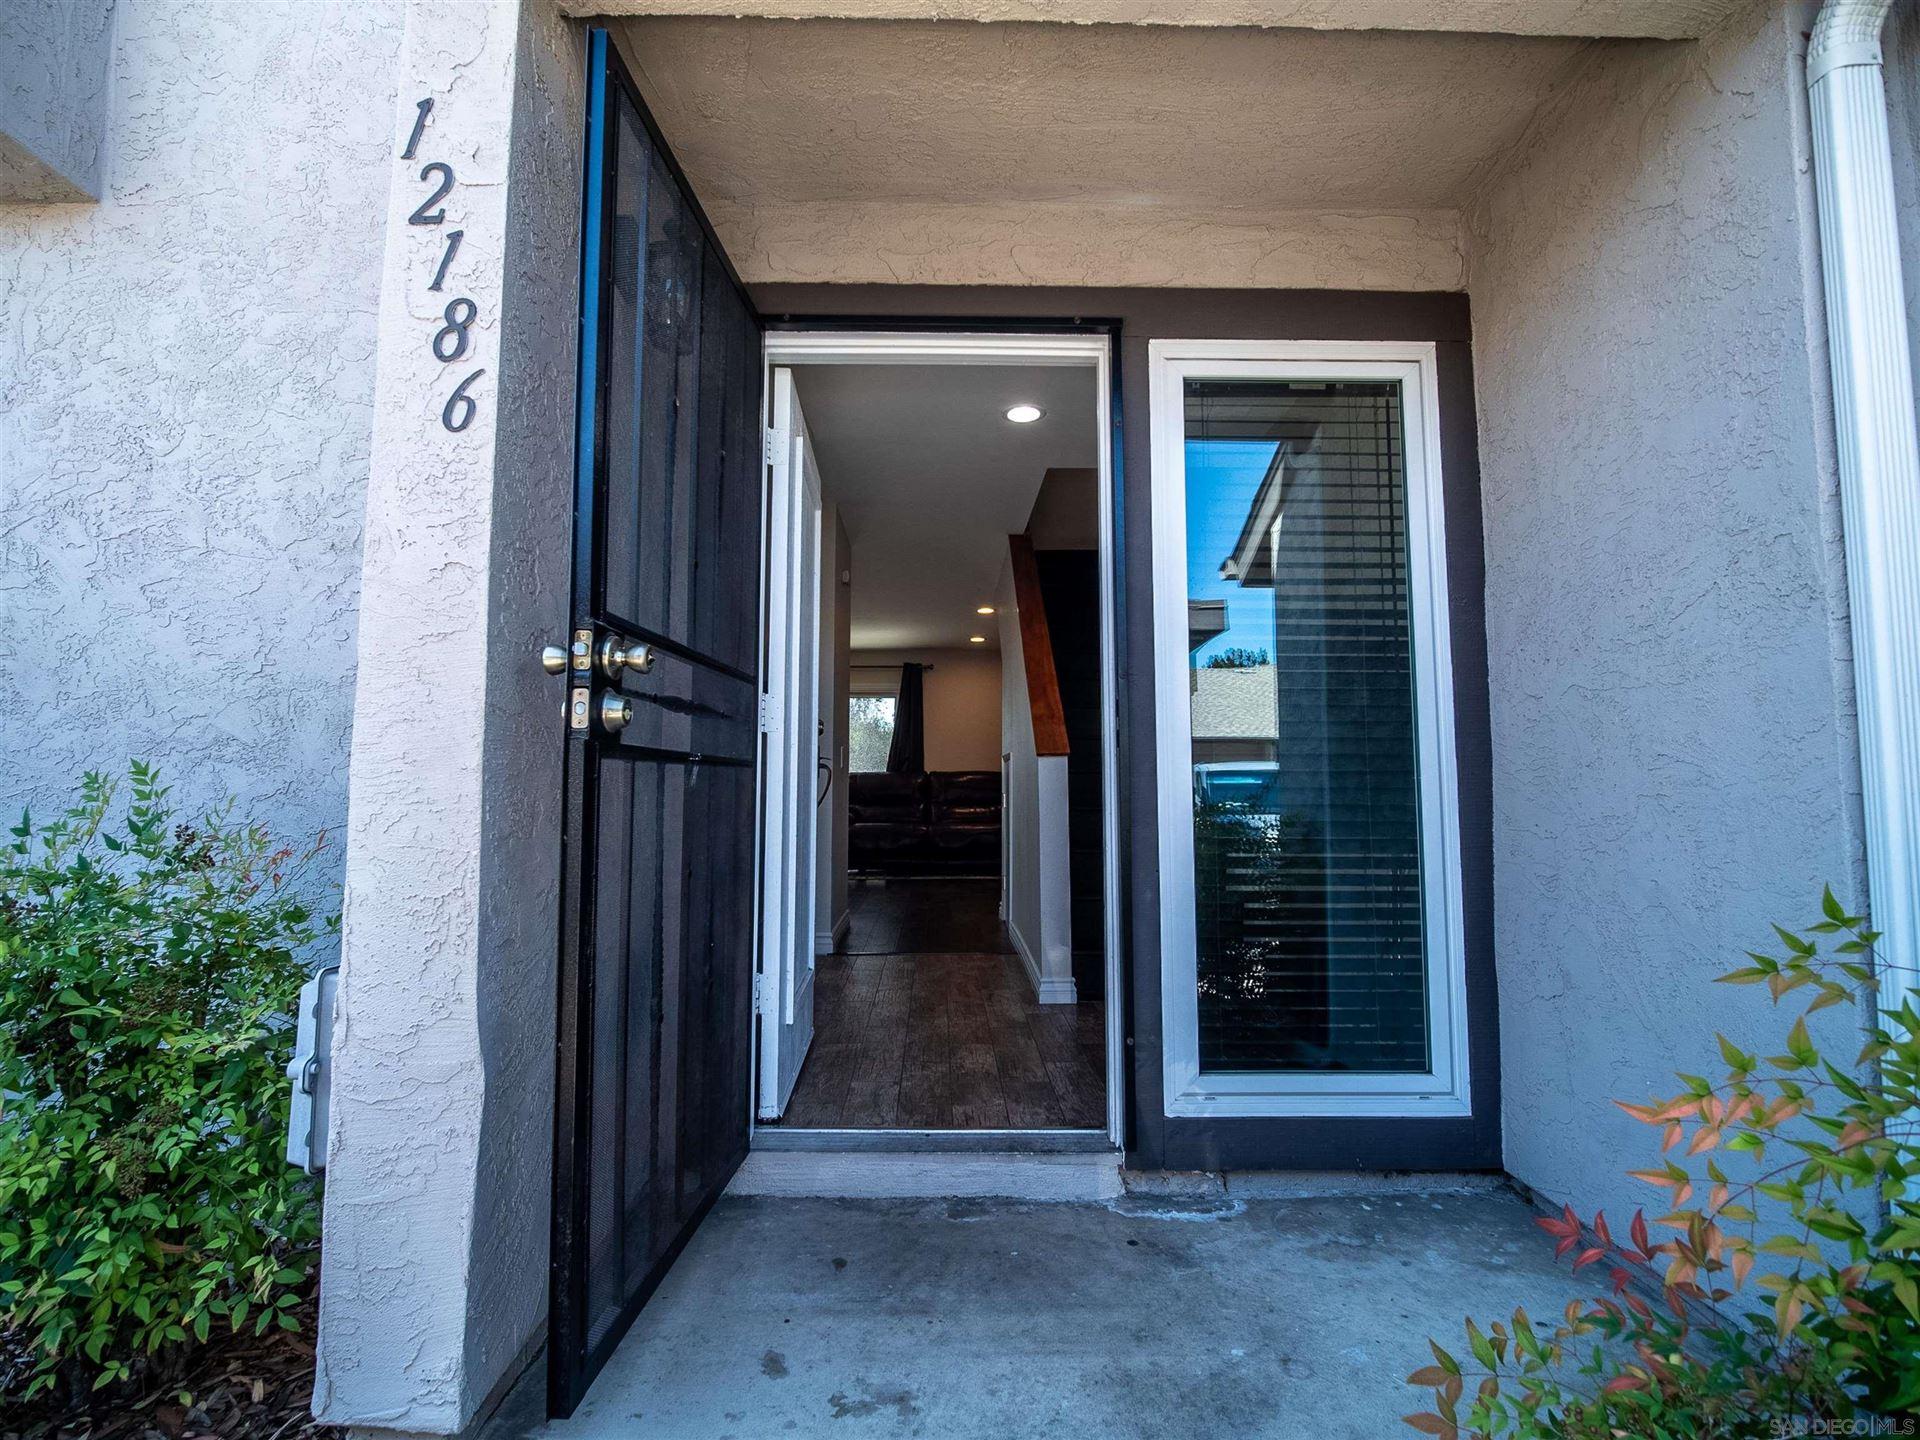 Photo of 12186 Wilsey Way, Poway, CA 92064 (MLS # 210028967)